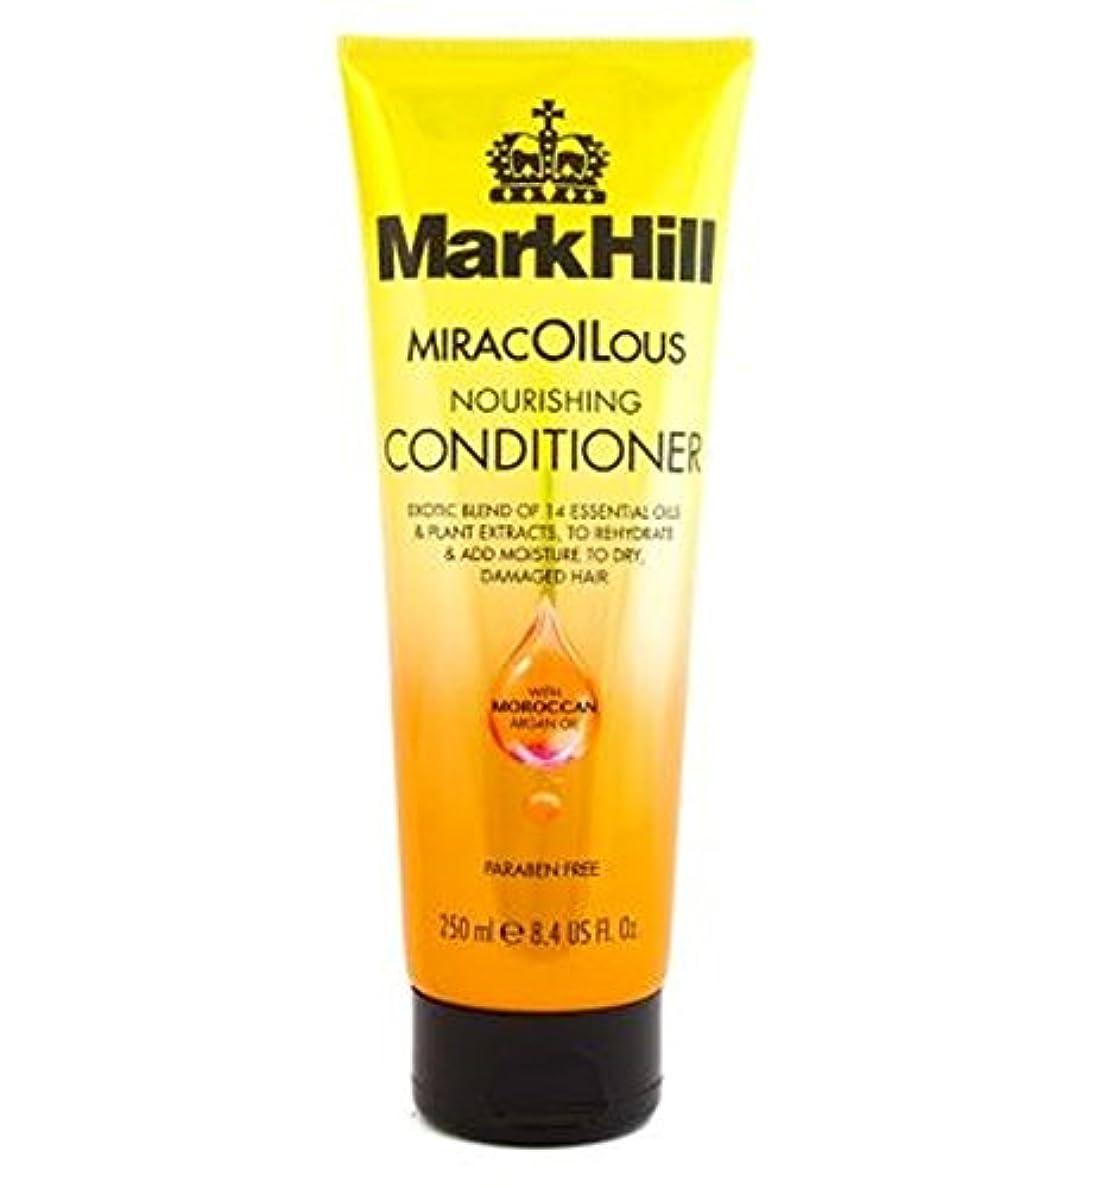 目の前の休みが欲しいマーク丘Miracoiliciousコンディショナー250Ml (Mark Hill) (x2) - Mark Hill MiracOILicious Conditioner 250ml (Pack of 2) [並行輸入品]